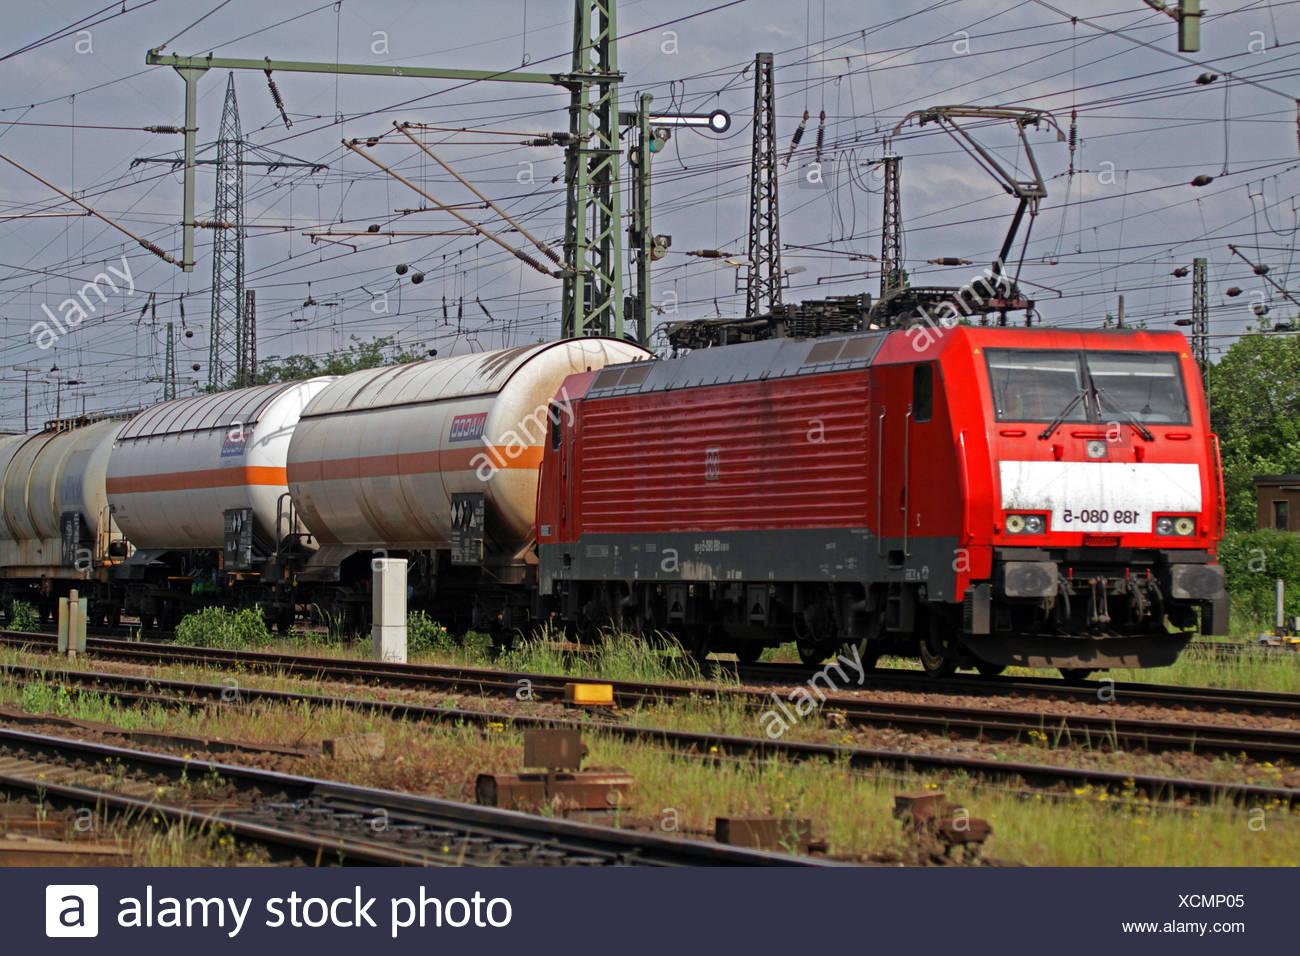 Gueterzug der Deutschen Bahn mit Kesselwagen, Deutschland   cargo train with tank wagons, Germany   BLWS429331.jpg [ (c) blickwi - Stock Image